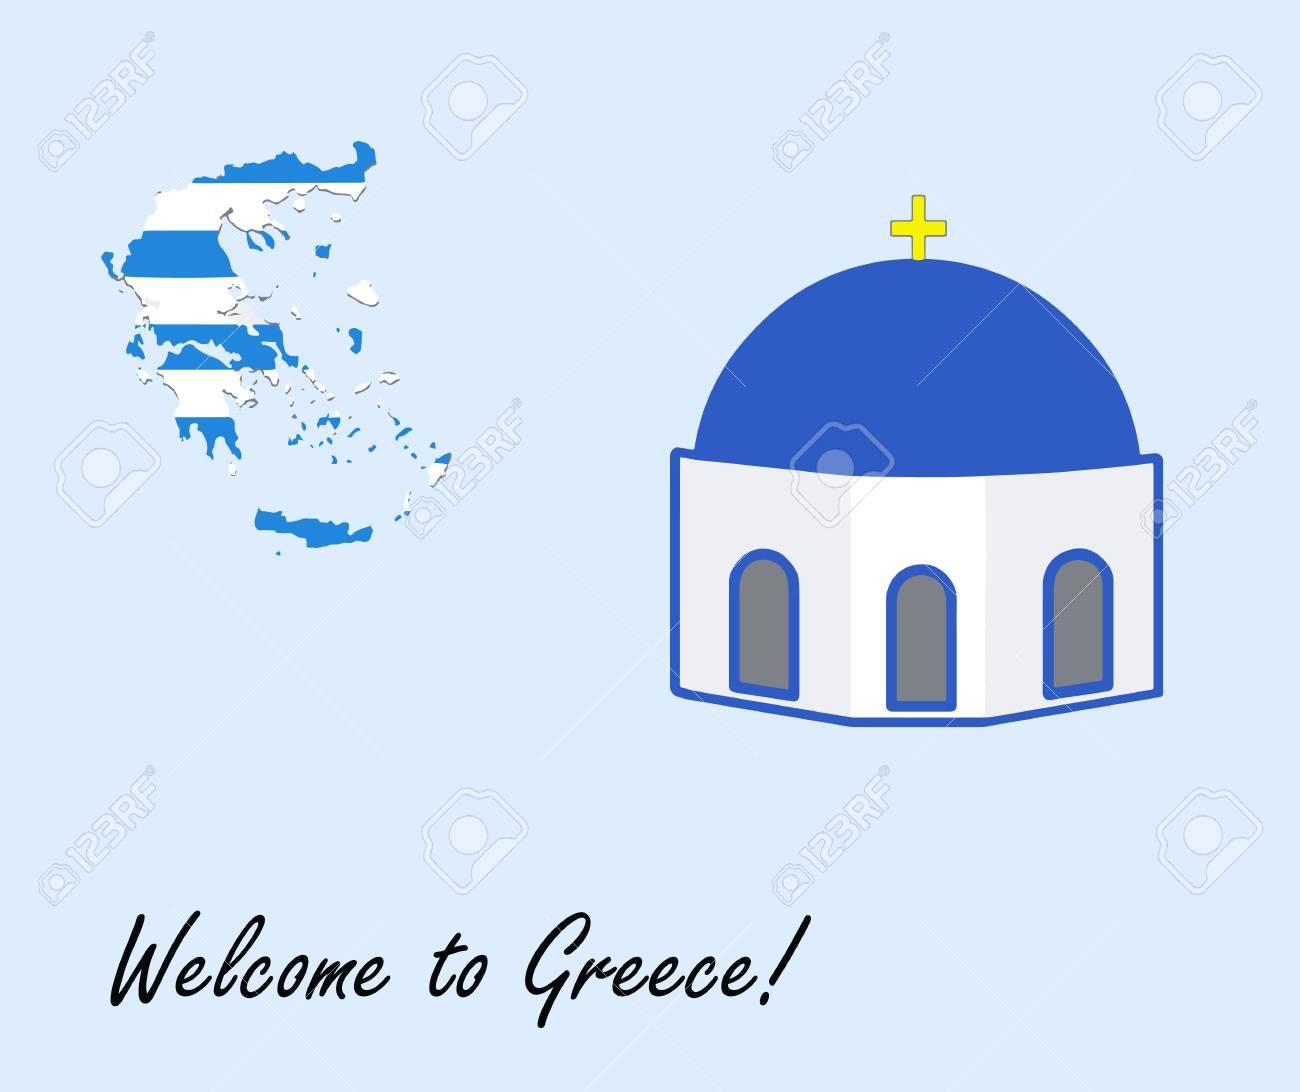 ギリシャの地図と青いチャペル イラスト ギリシャ ベクトル カードへ